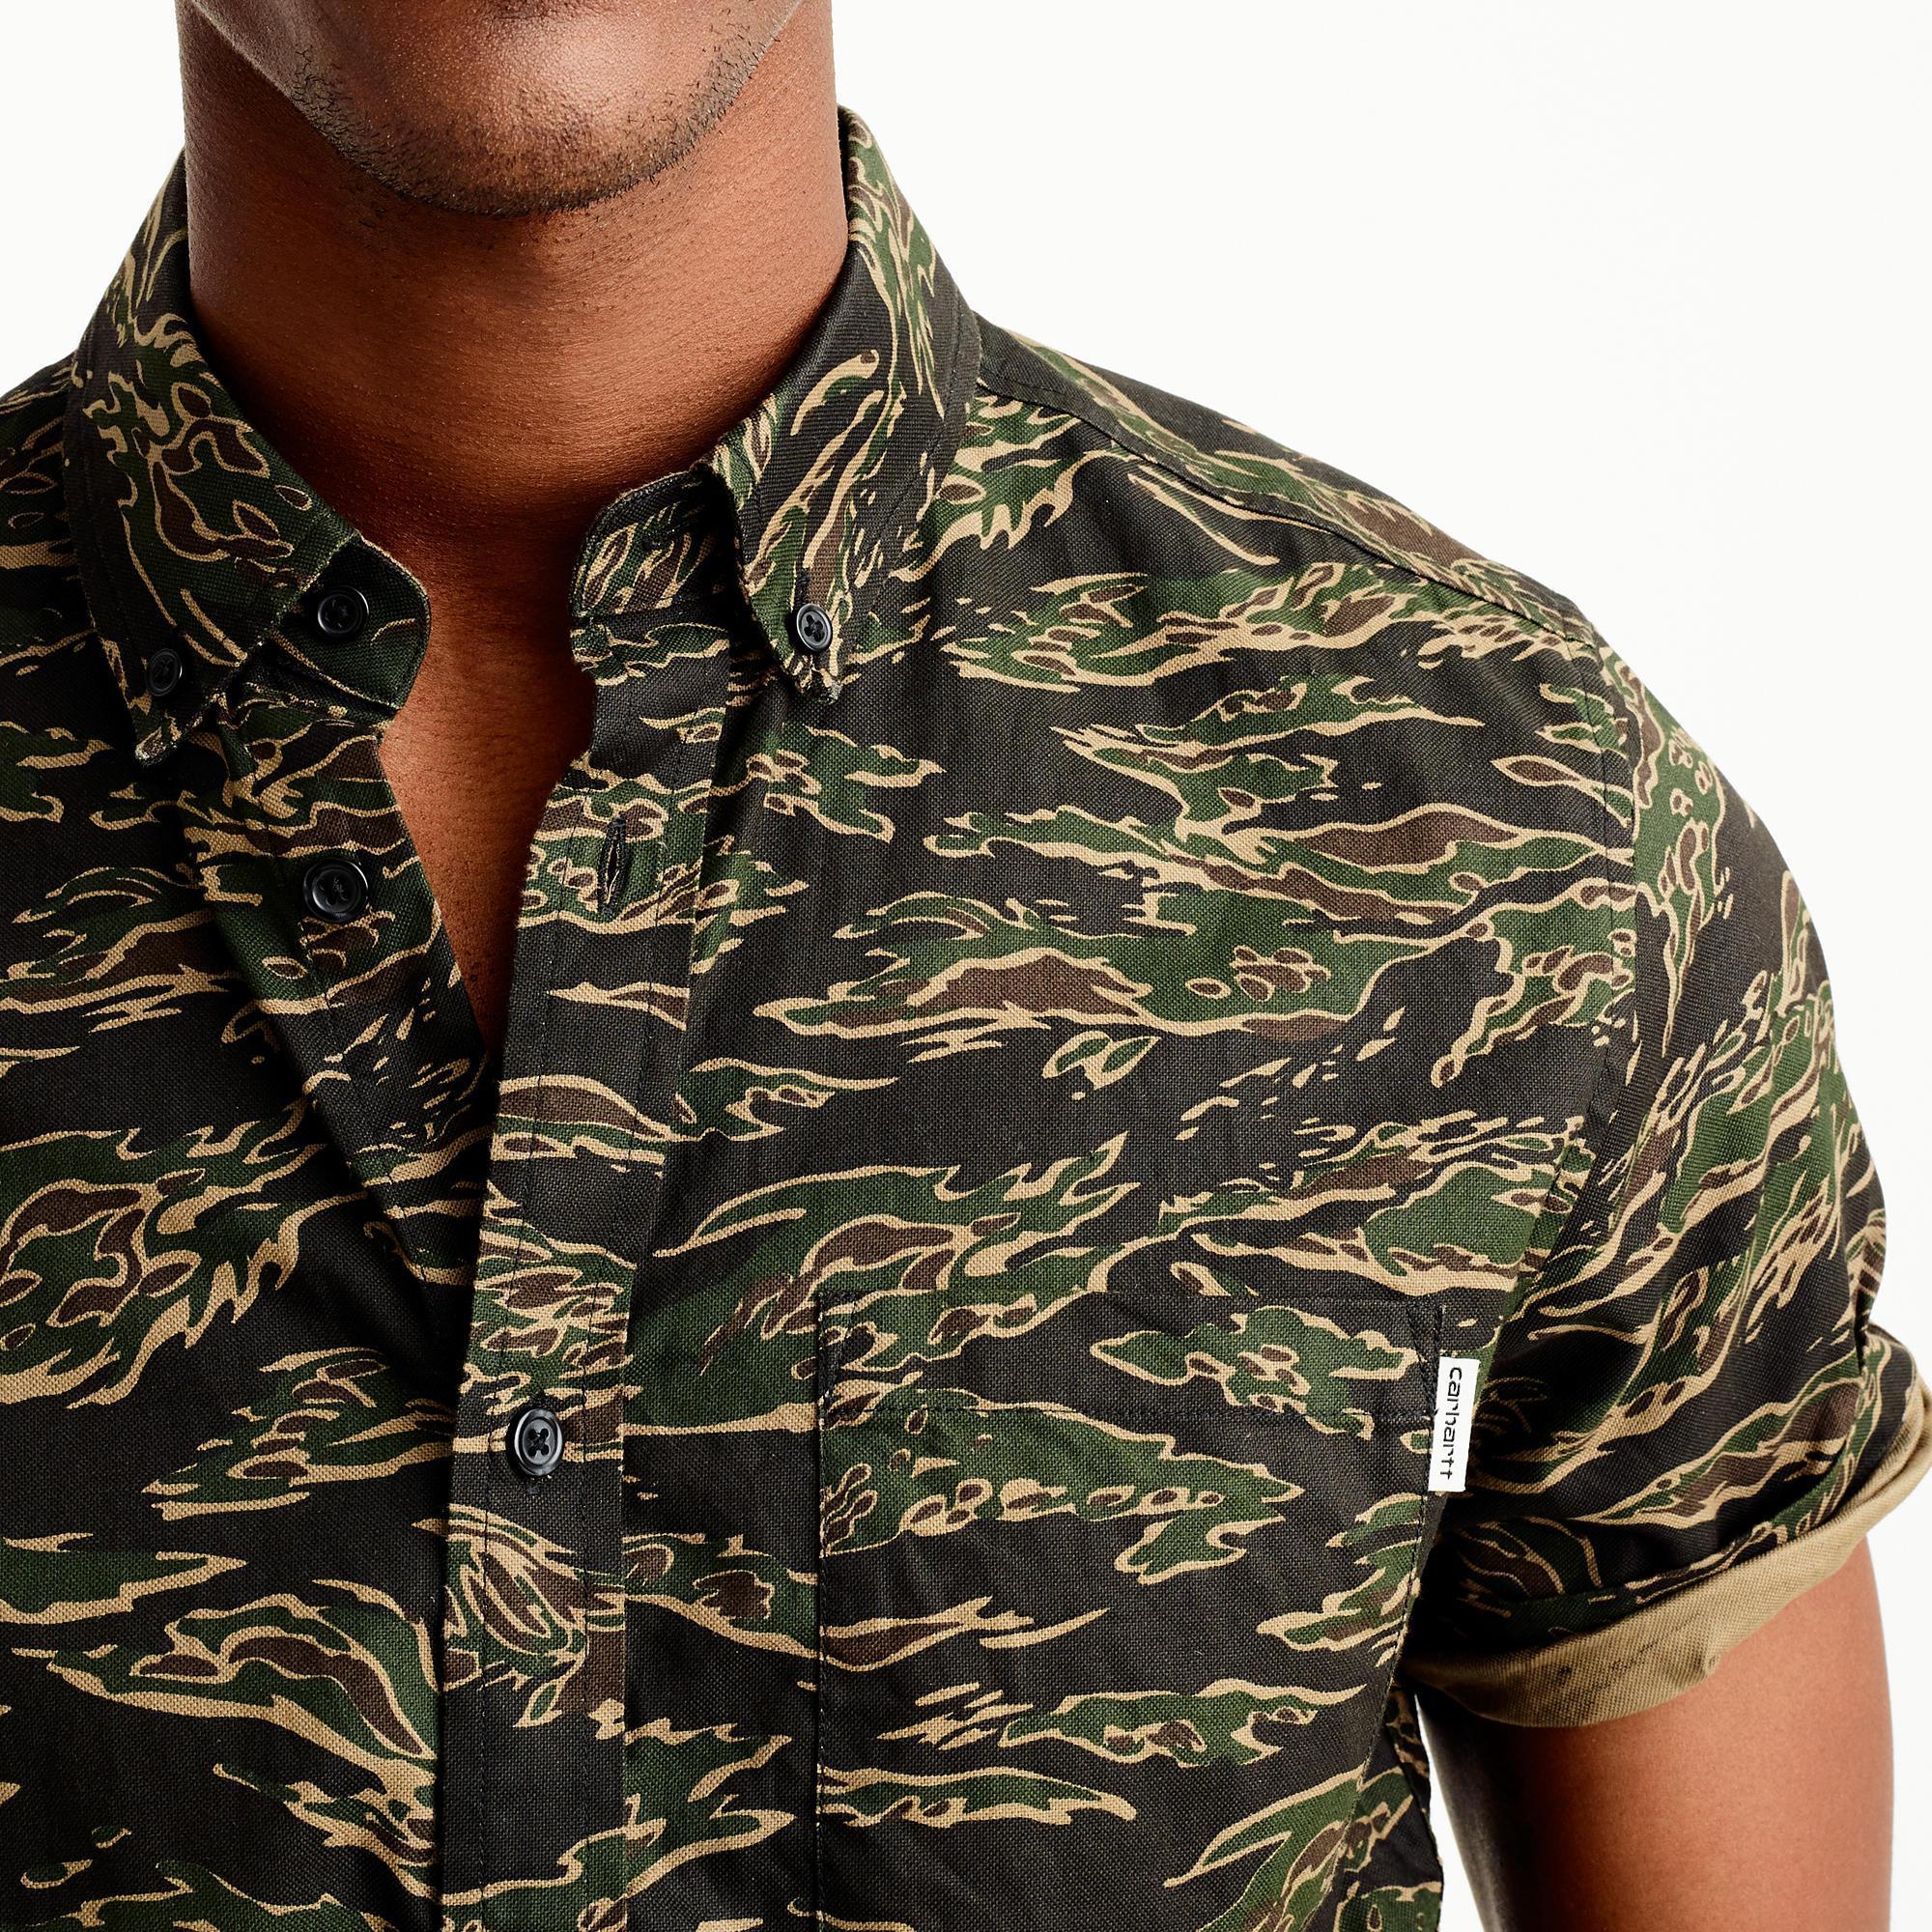 5646d1e8d1e J.Crew Carhartt Work In Progress Camouflage Shirt in Black for Men ...